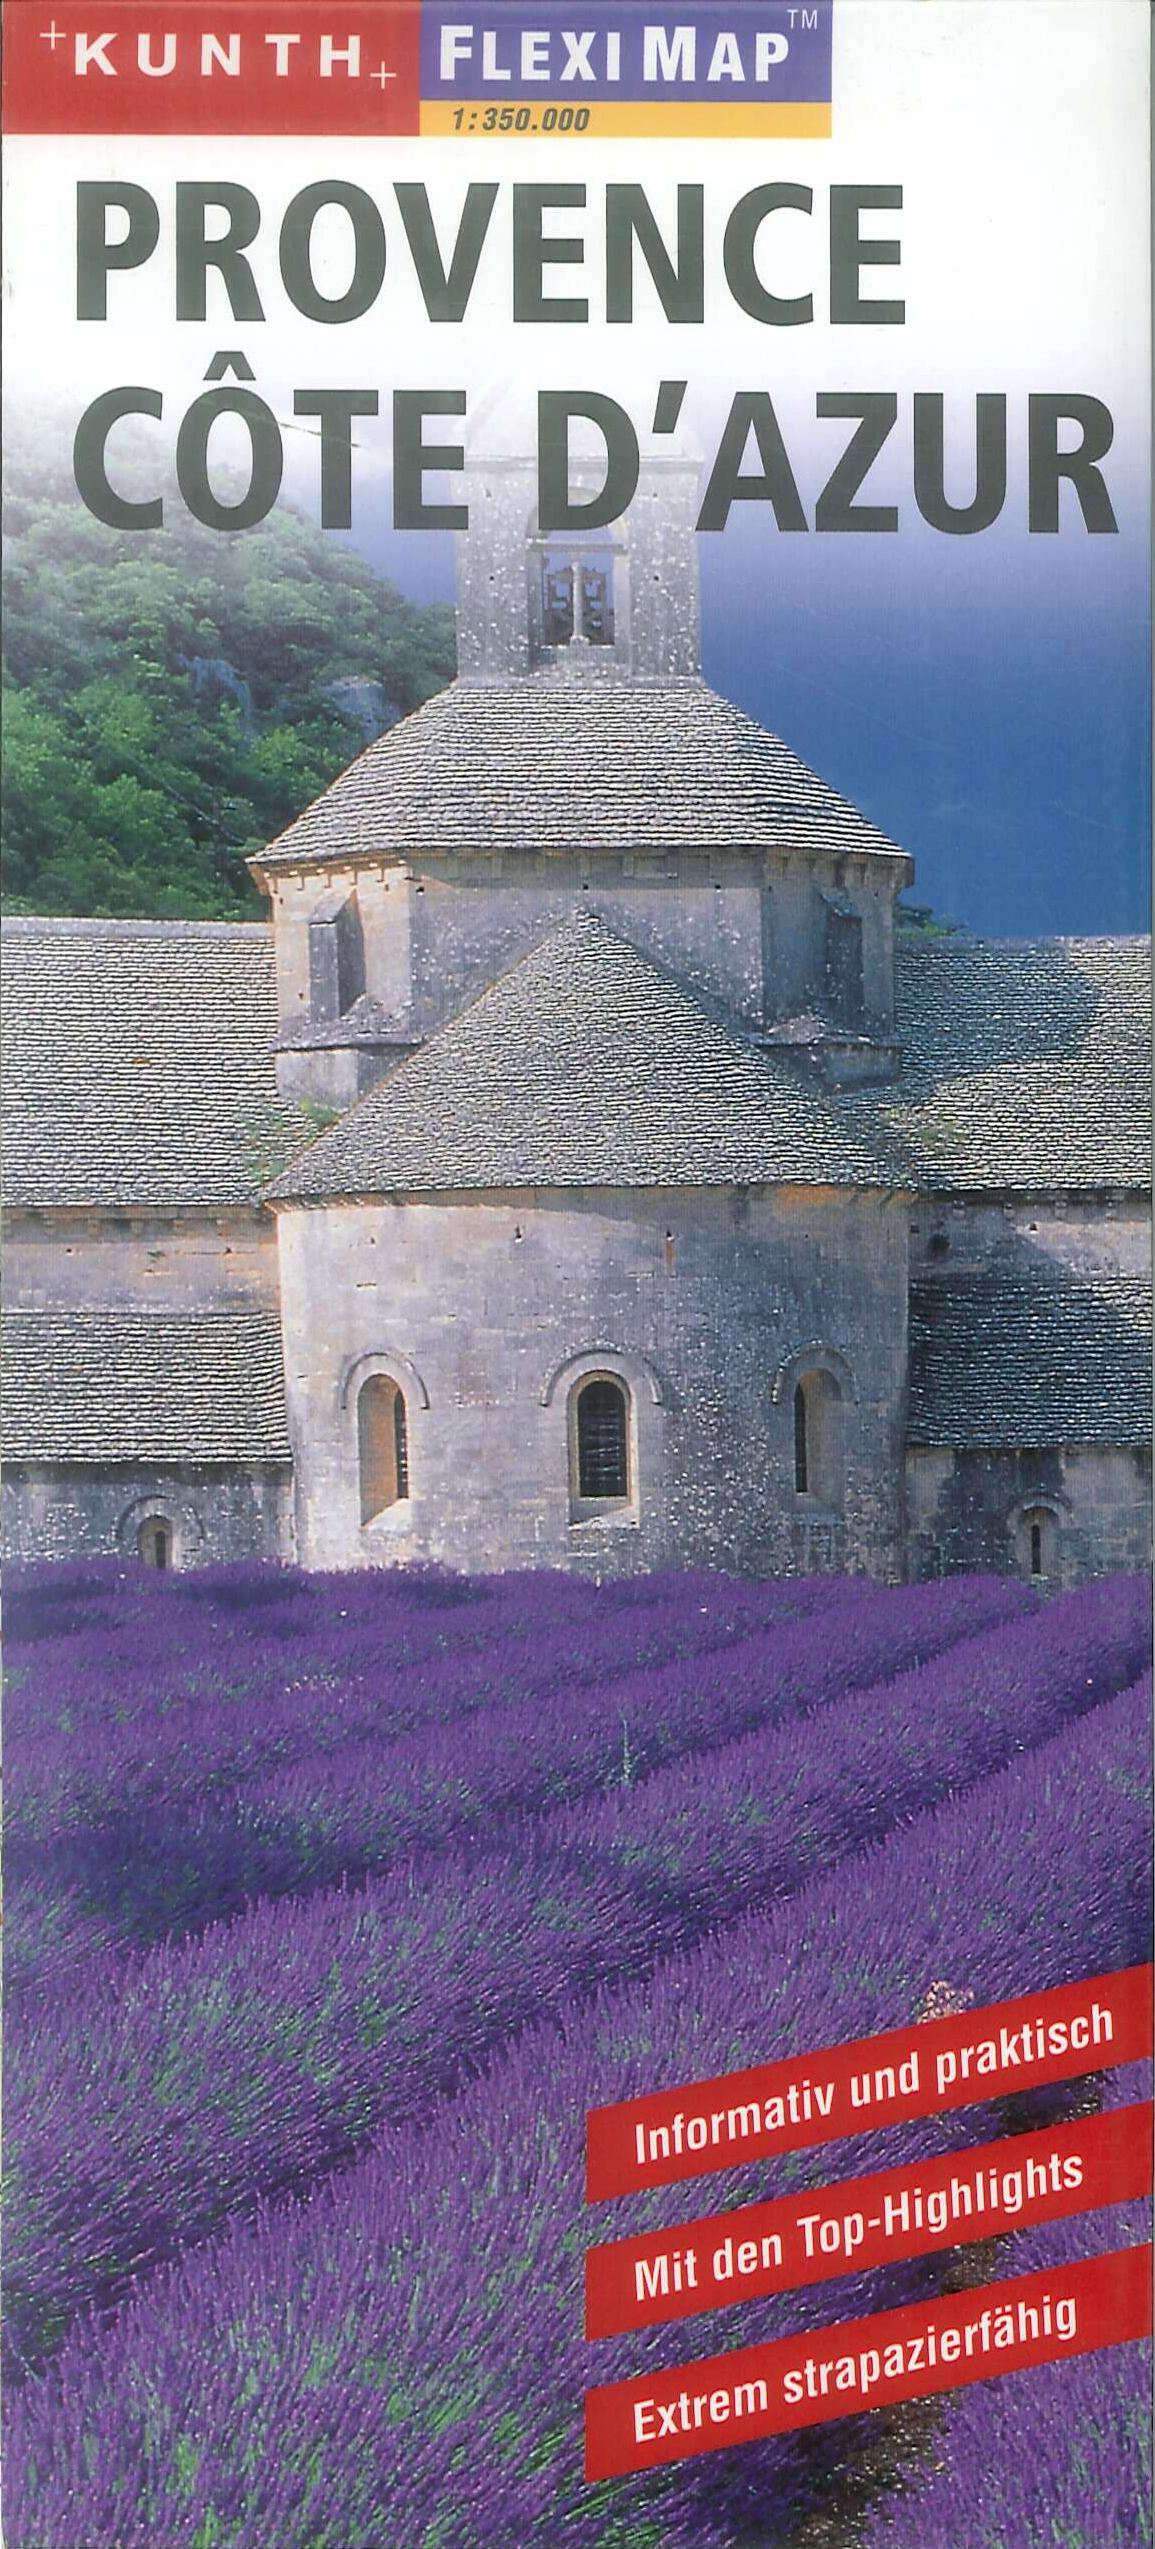 Provence. Cote d'azur. Flexi map. 1:350.000